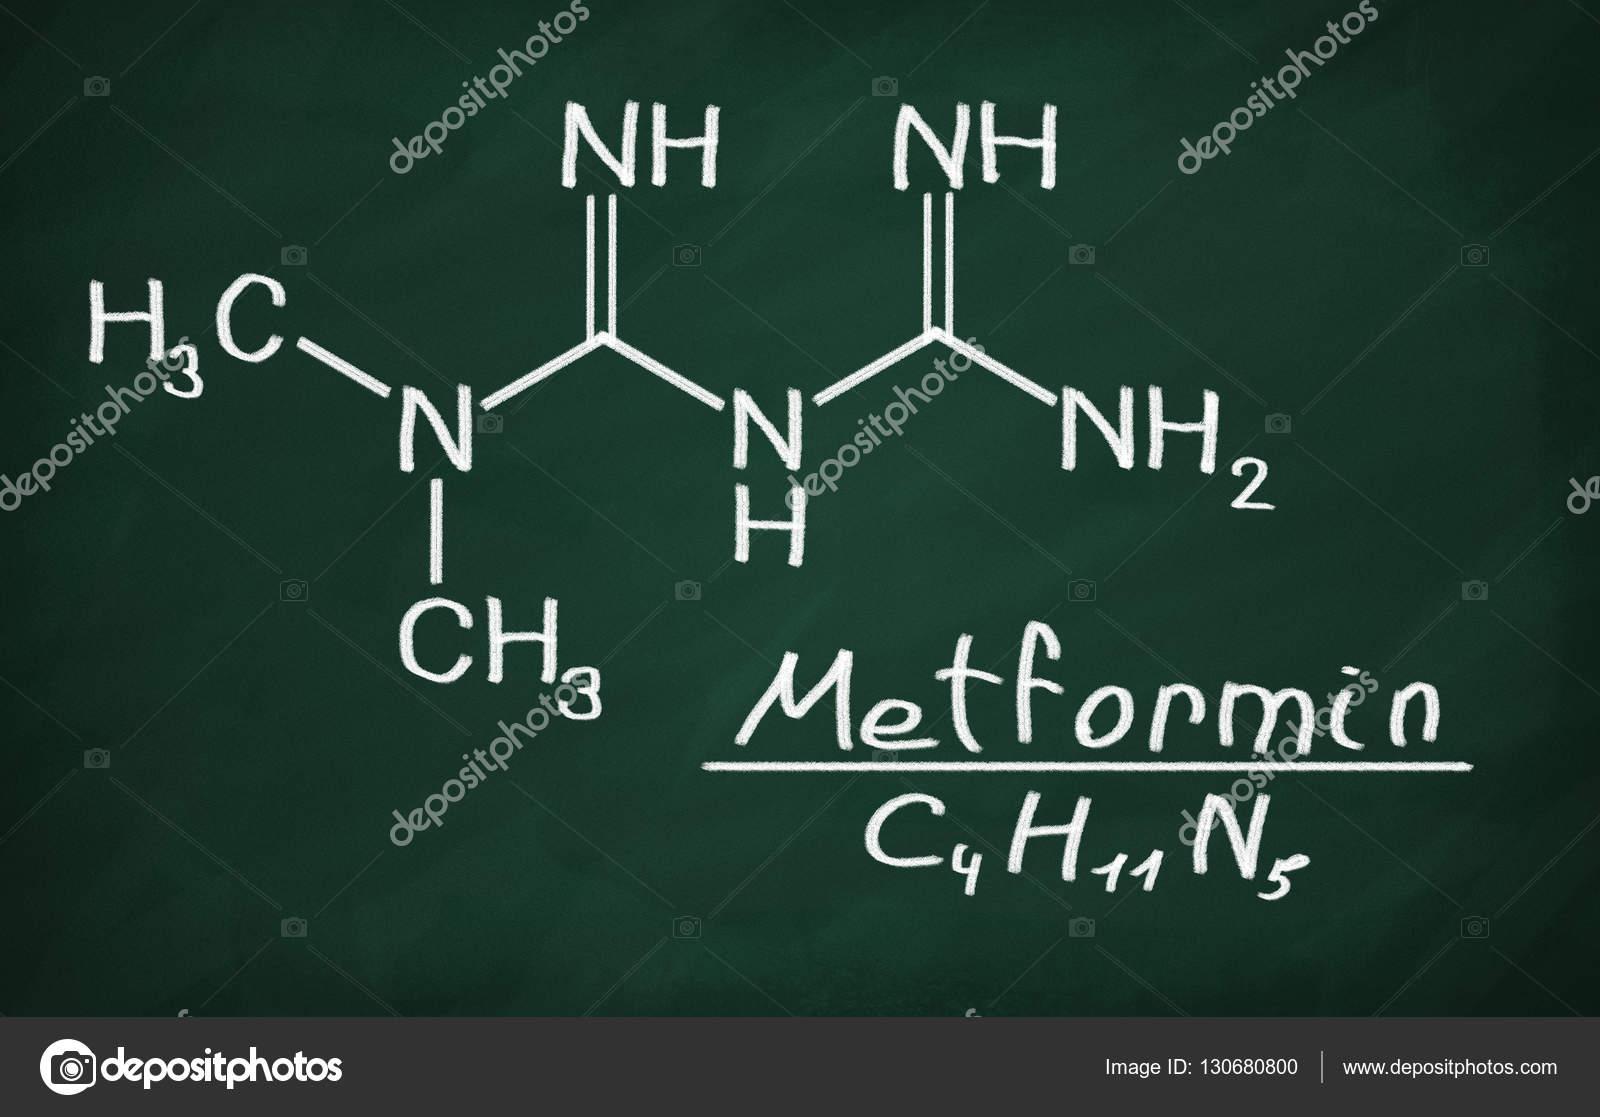 Modelo estructural de la metformina — Foto de stock © Makaule #130680800